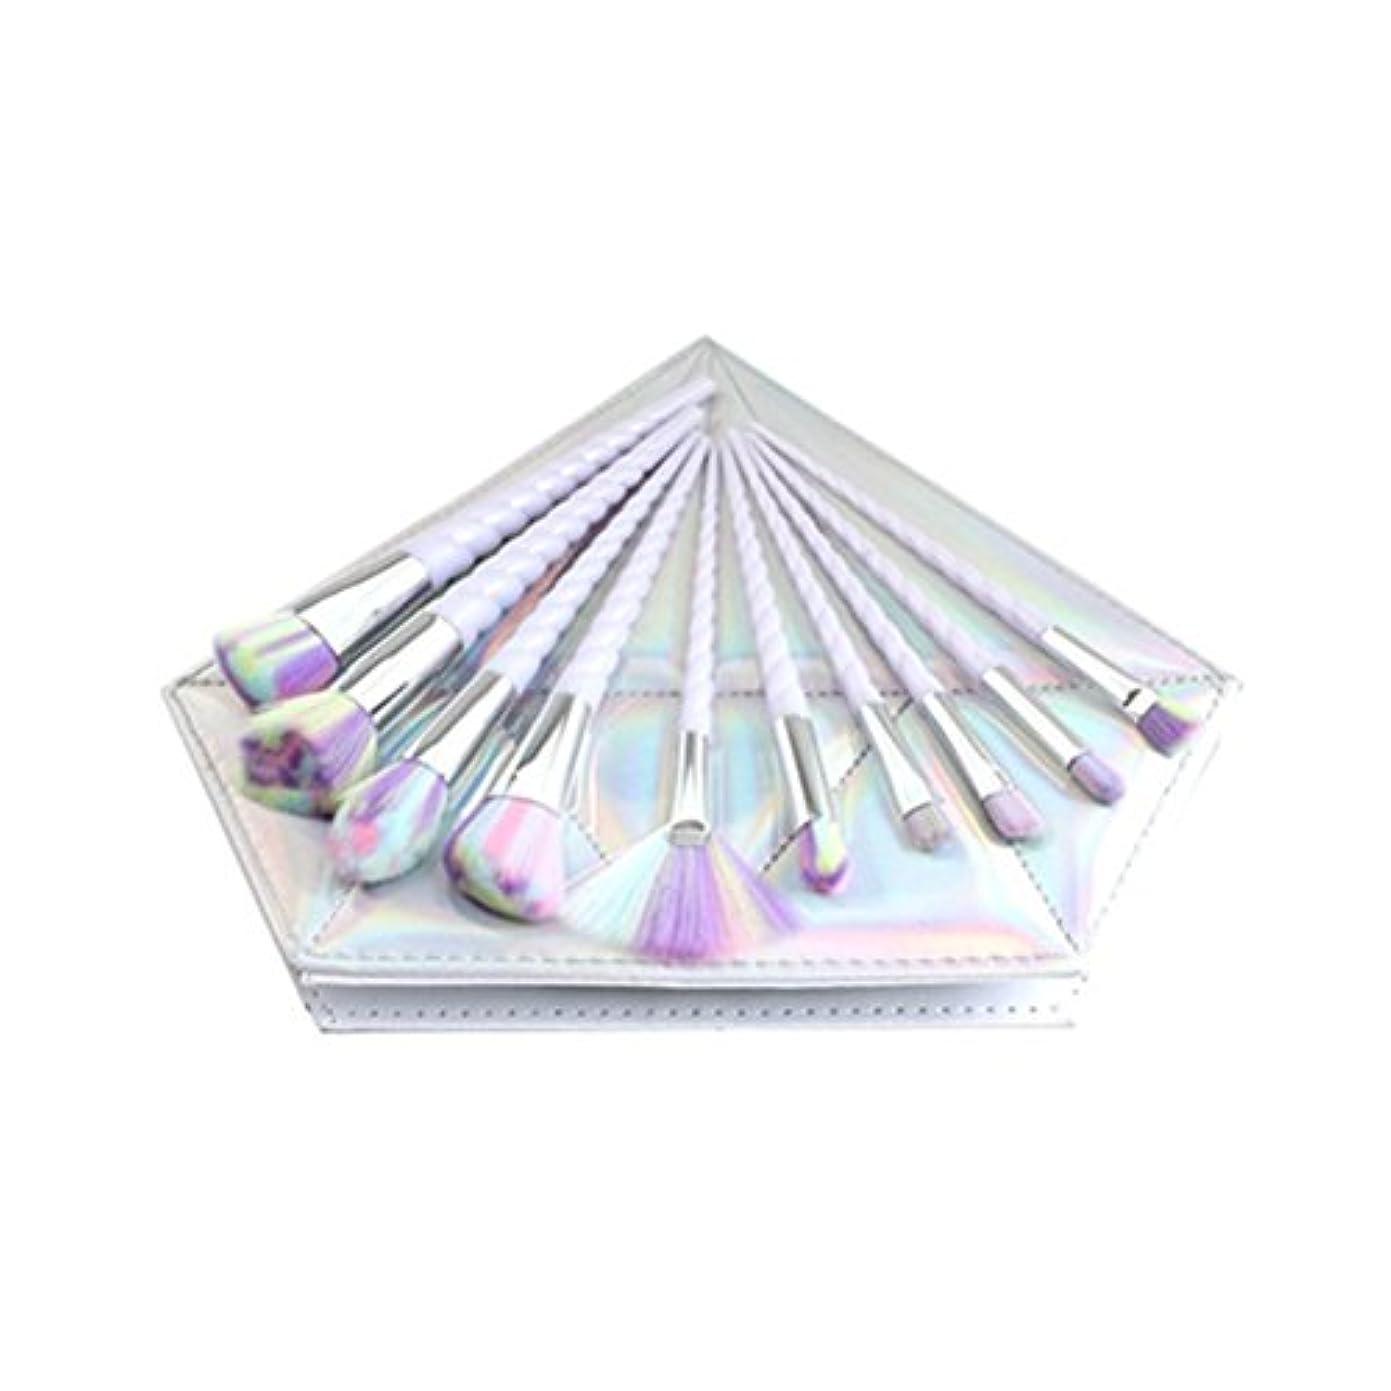 便利崇拝します見捨てられたDilla Beauty 10本セットユニコーンデザインプラスチックハンドル形状メイクブラシセット合成毛ファンデーションブラシアイシャドーブラッシャー美容ツール美しい化粧品のバッグを送る (白いハンドル - 多色の毛)